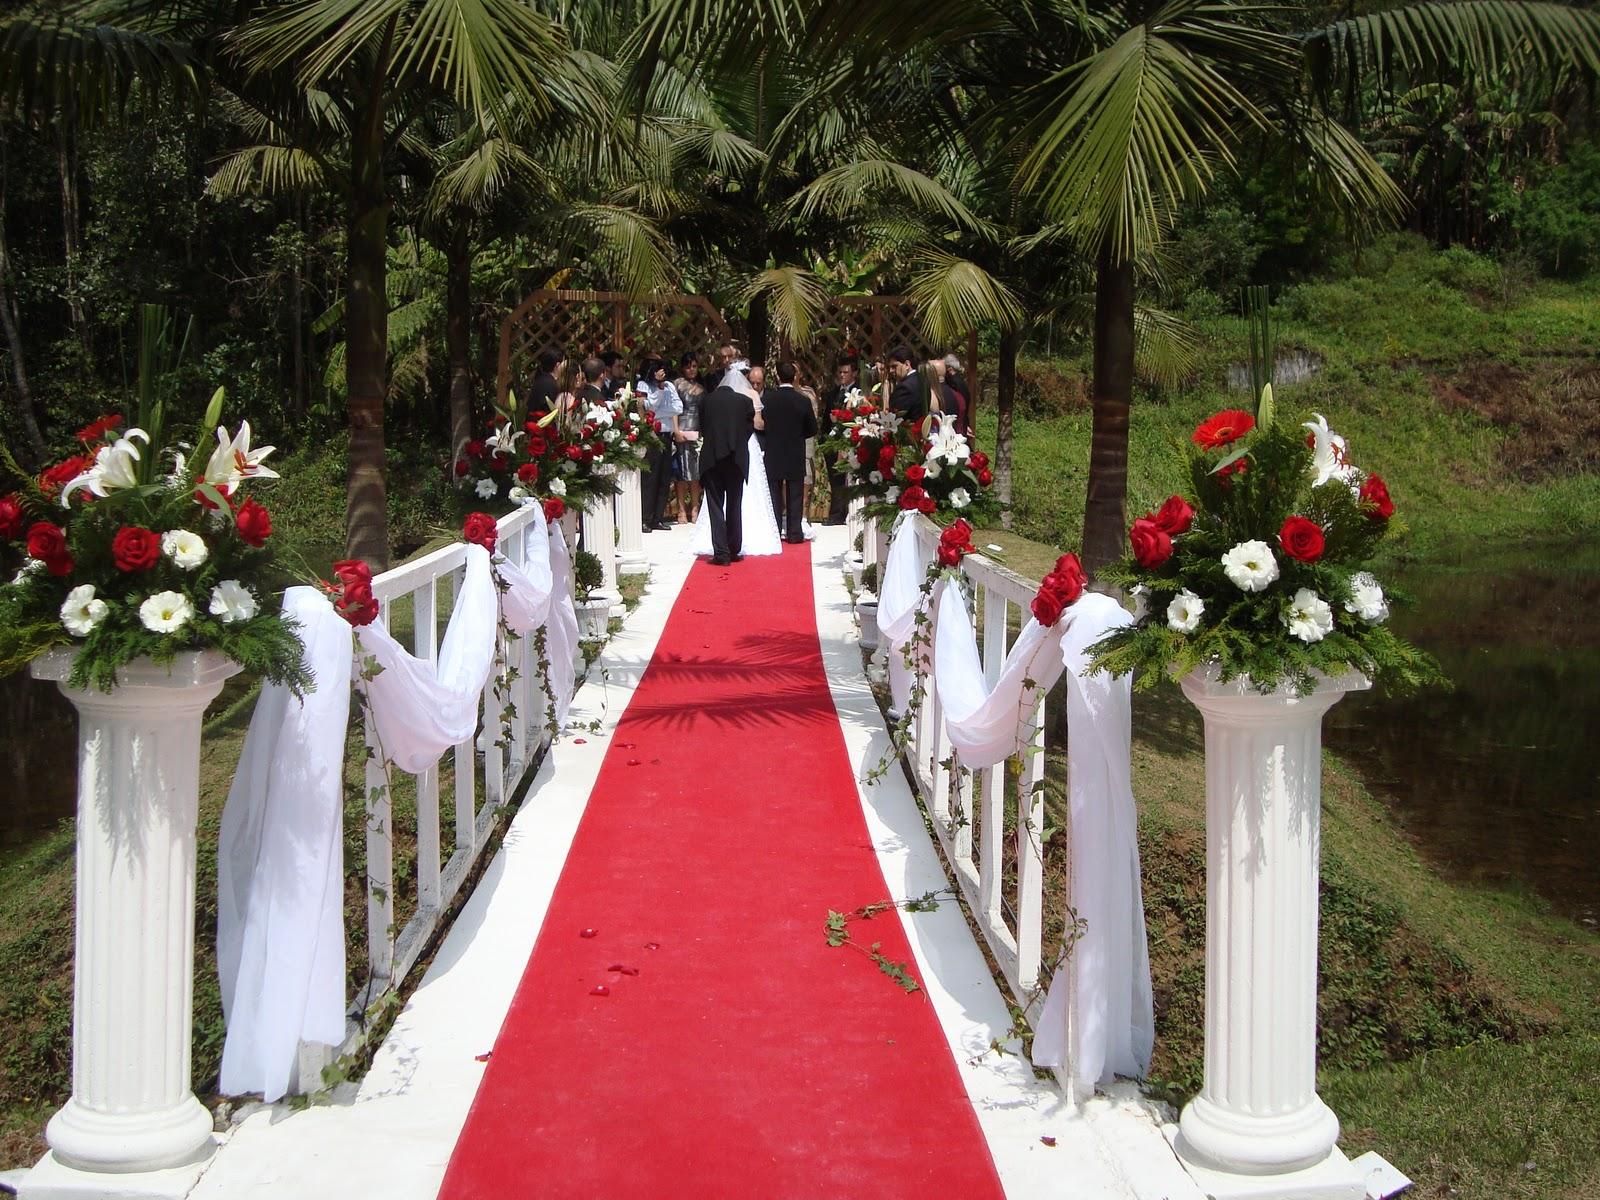 definição de  Elopement Wedding